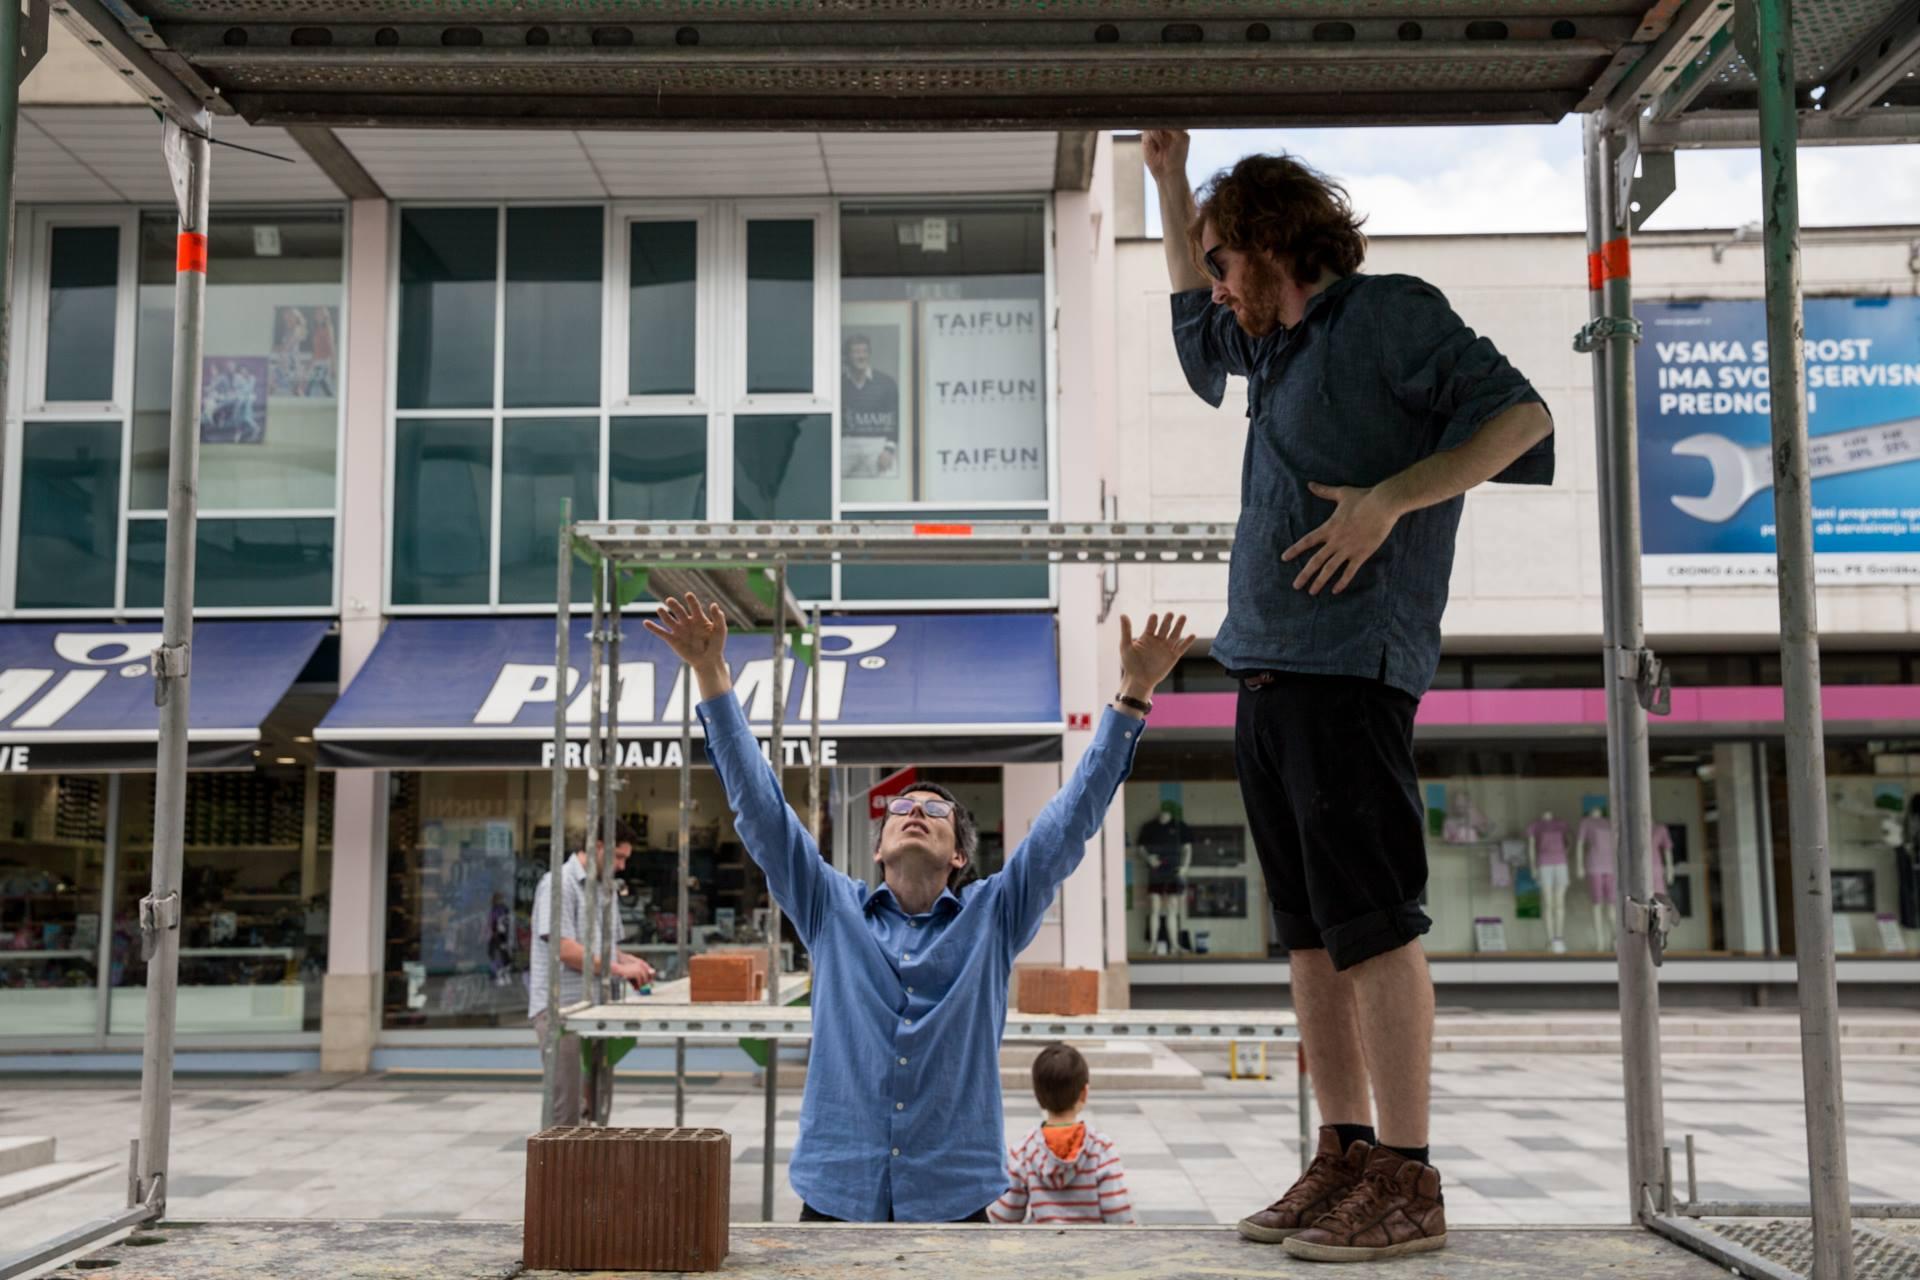 Mesto Knjige festival – gradbena scena